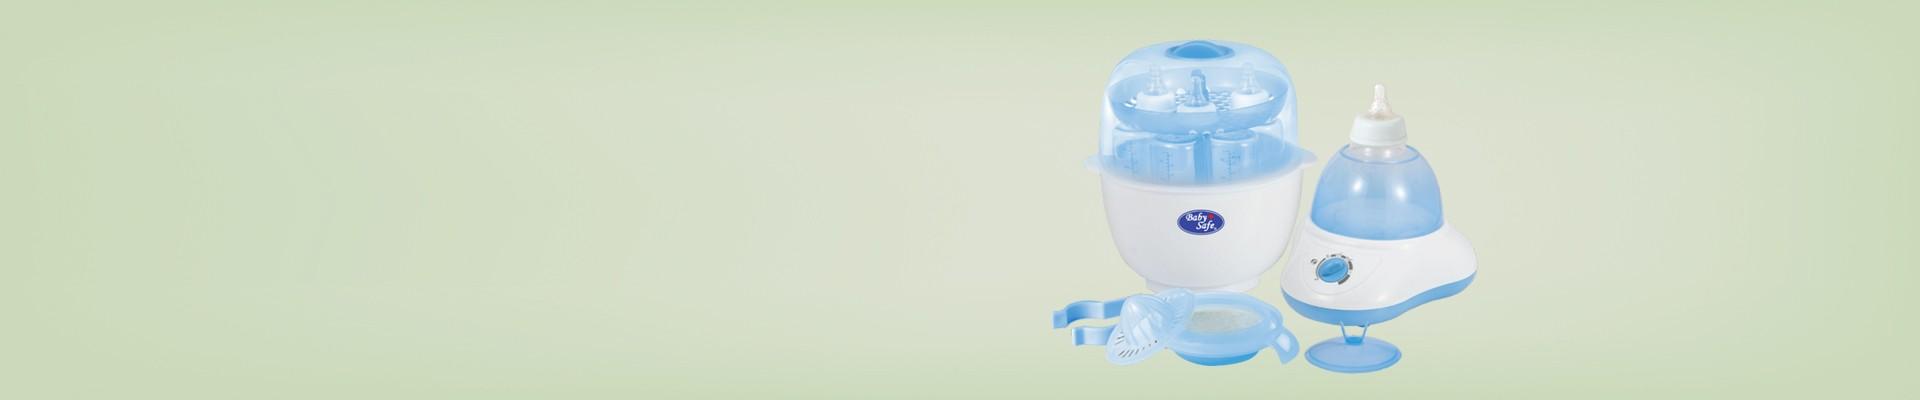 Jual Sterilizer Botol Susu Bayi Terbaik